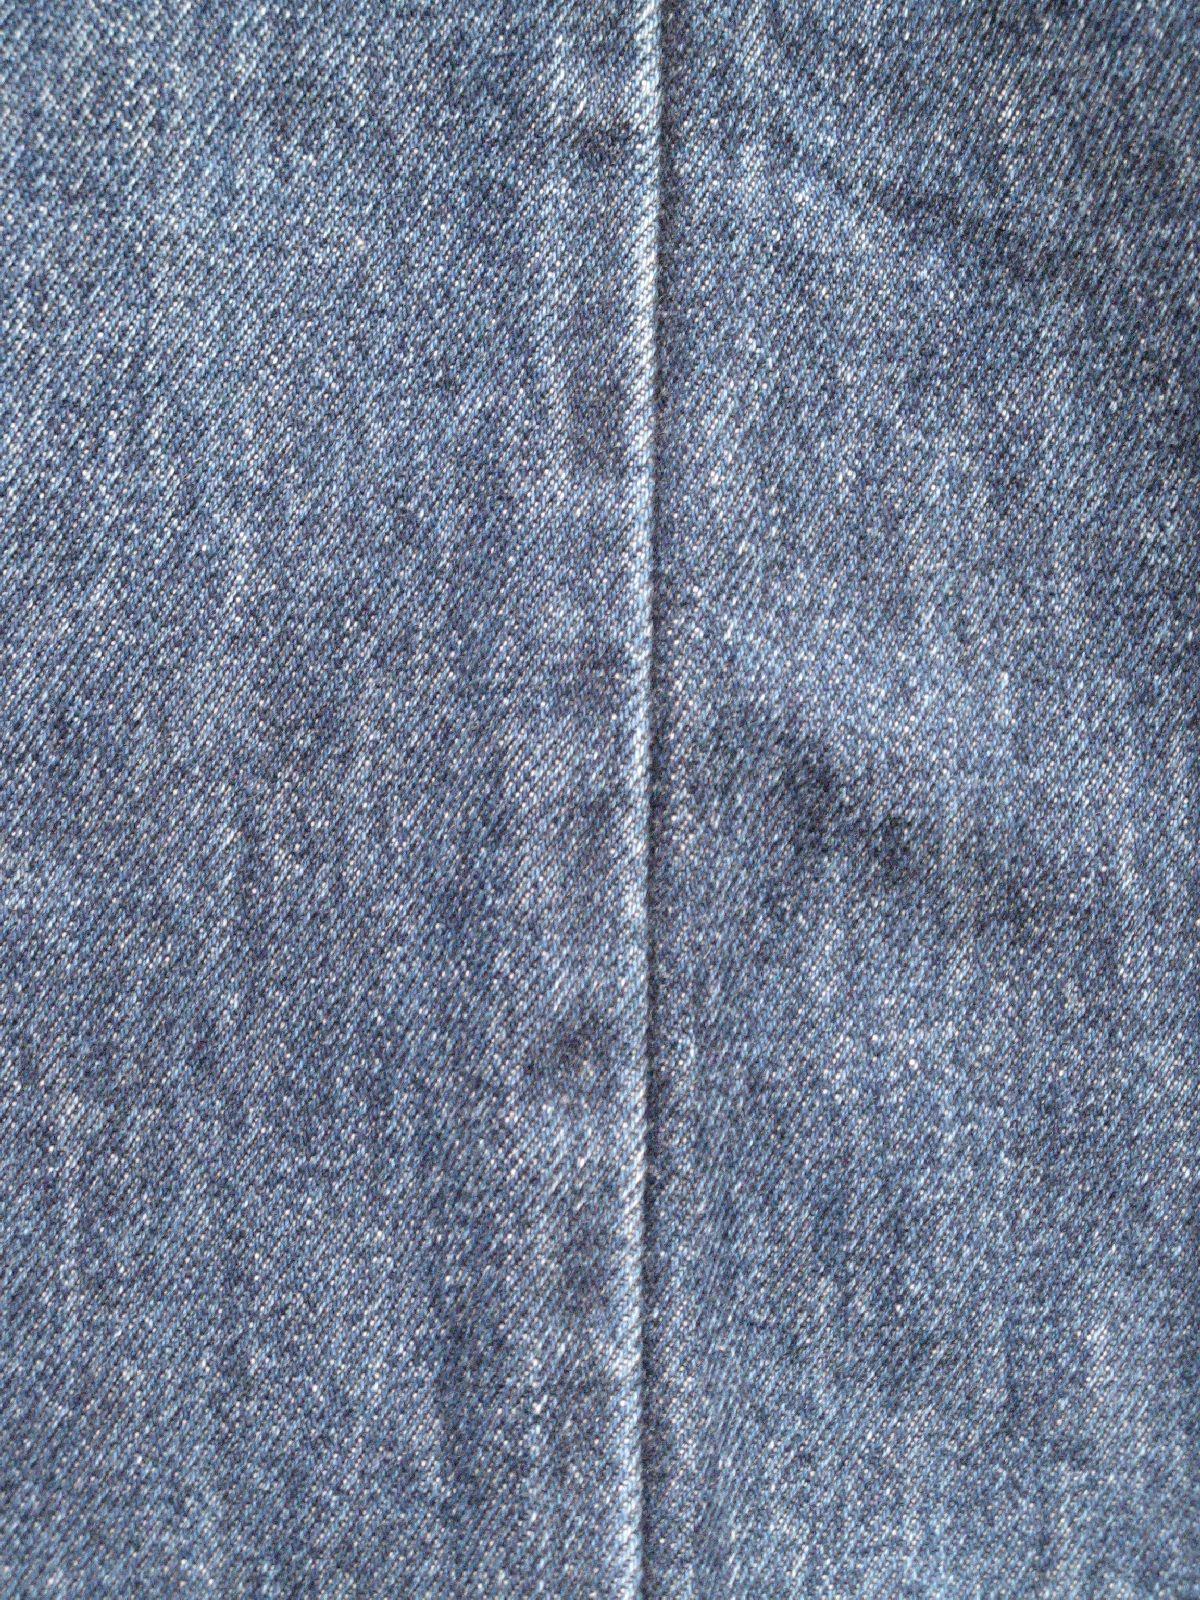 Various_Texture_B_3548